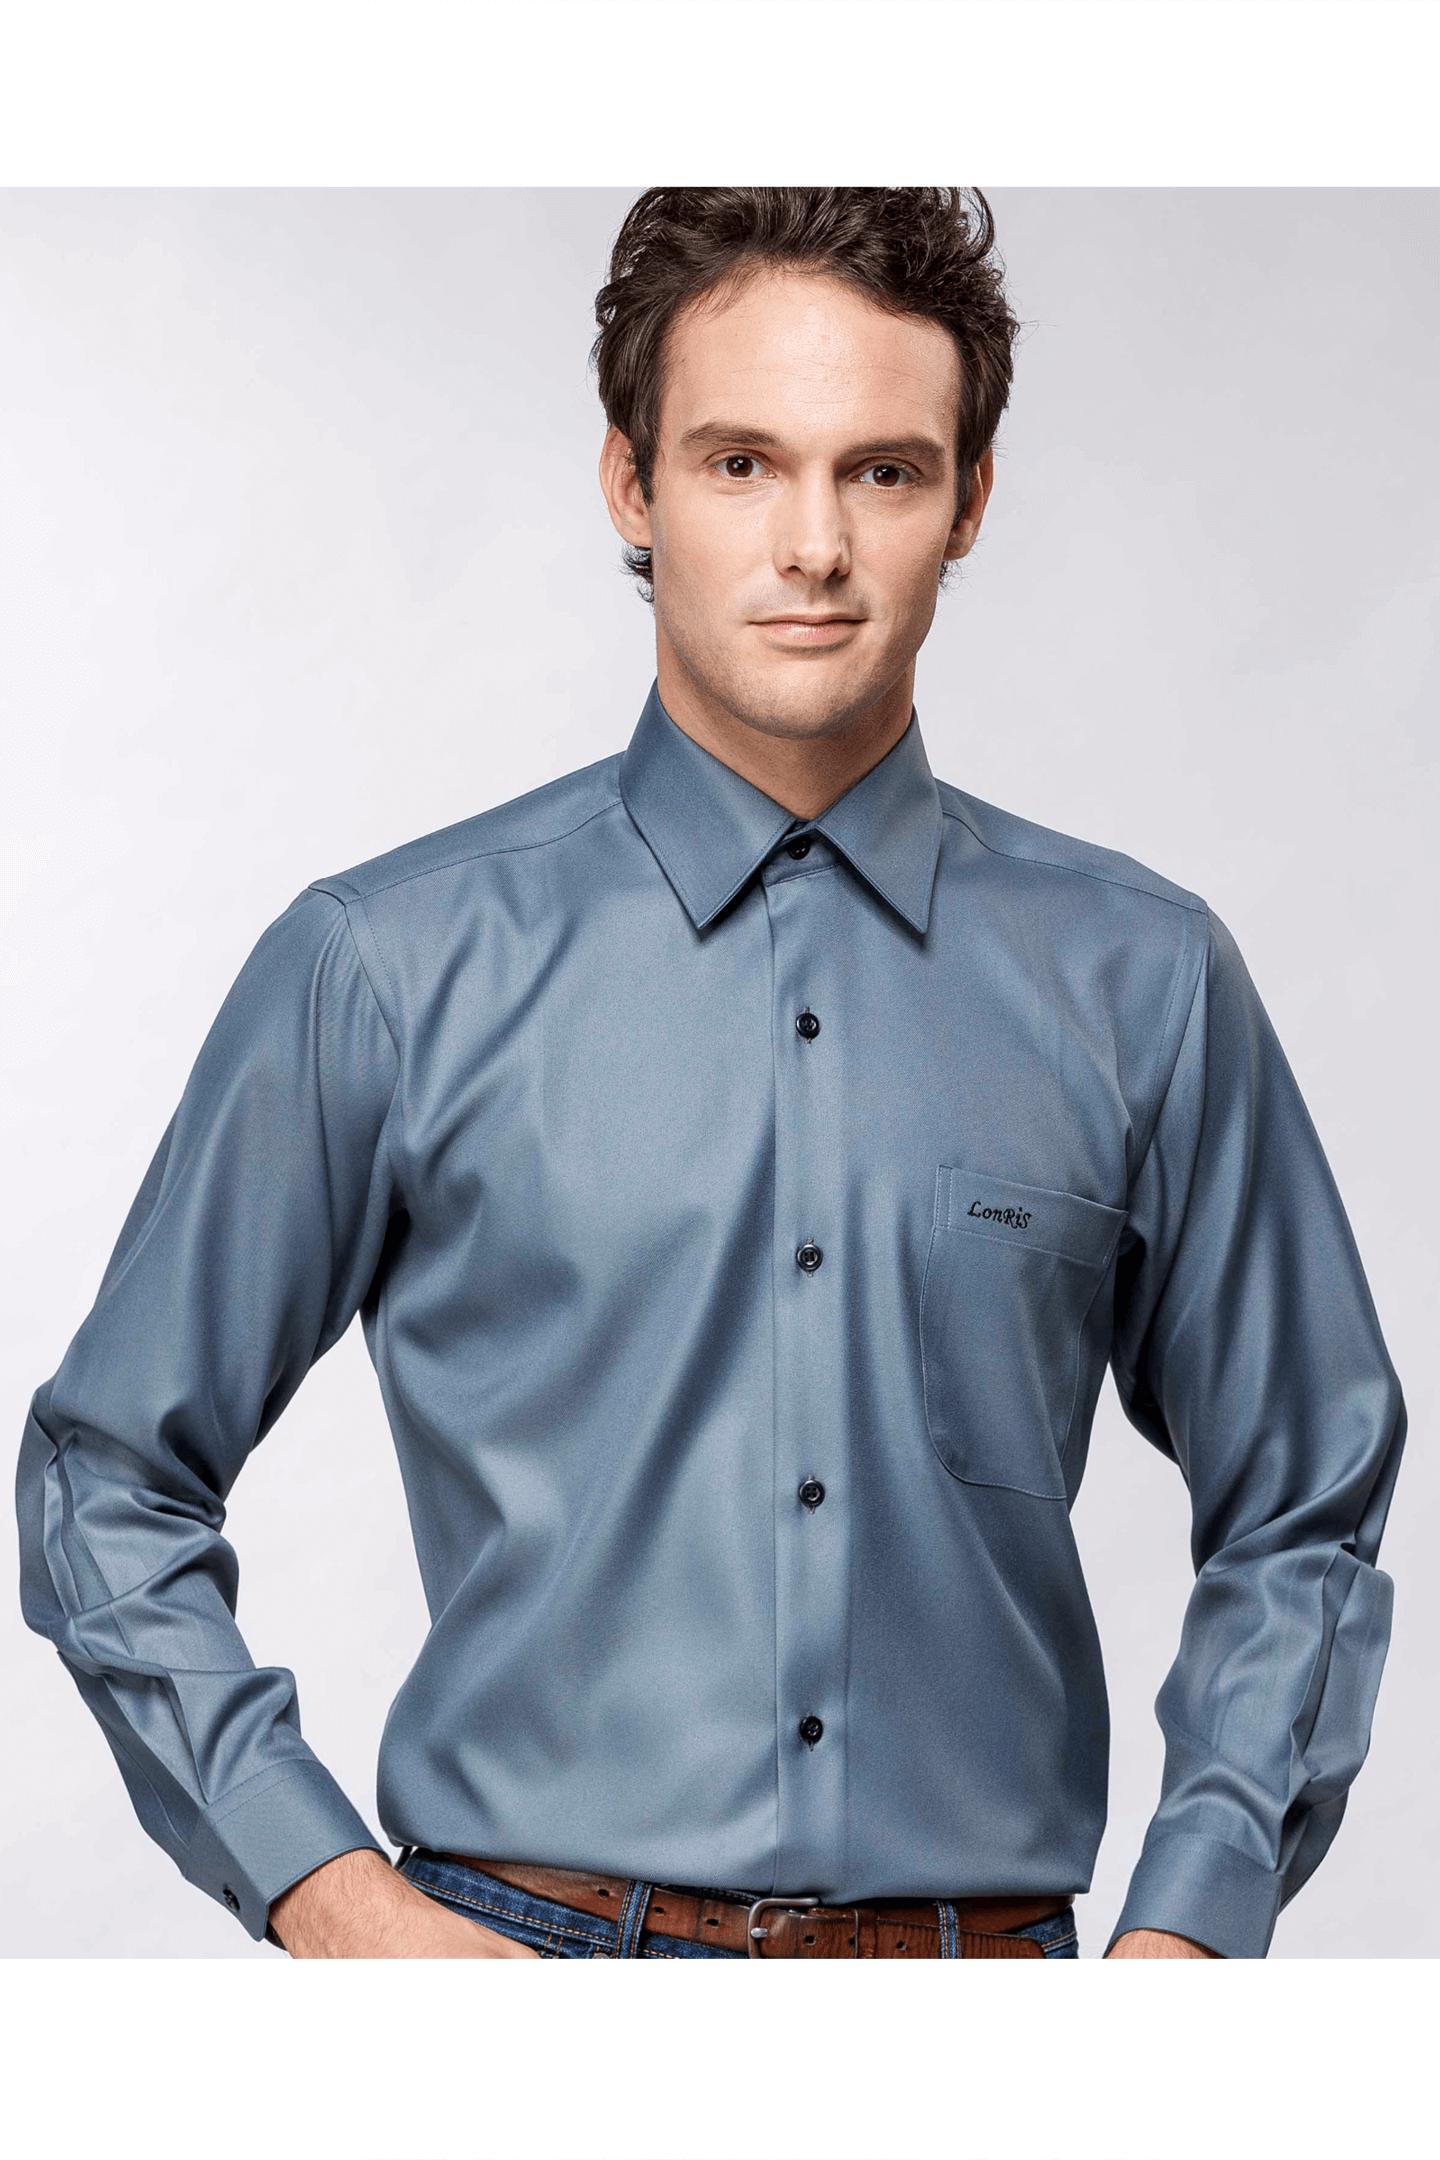 灰色細斜紋長袖襯衫/抗皺